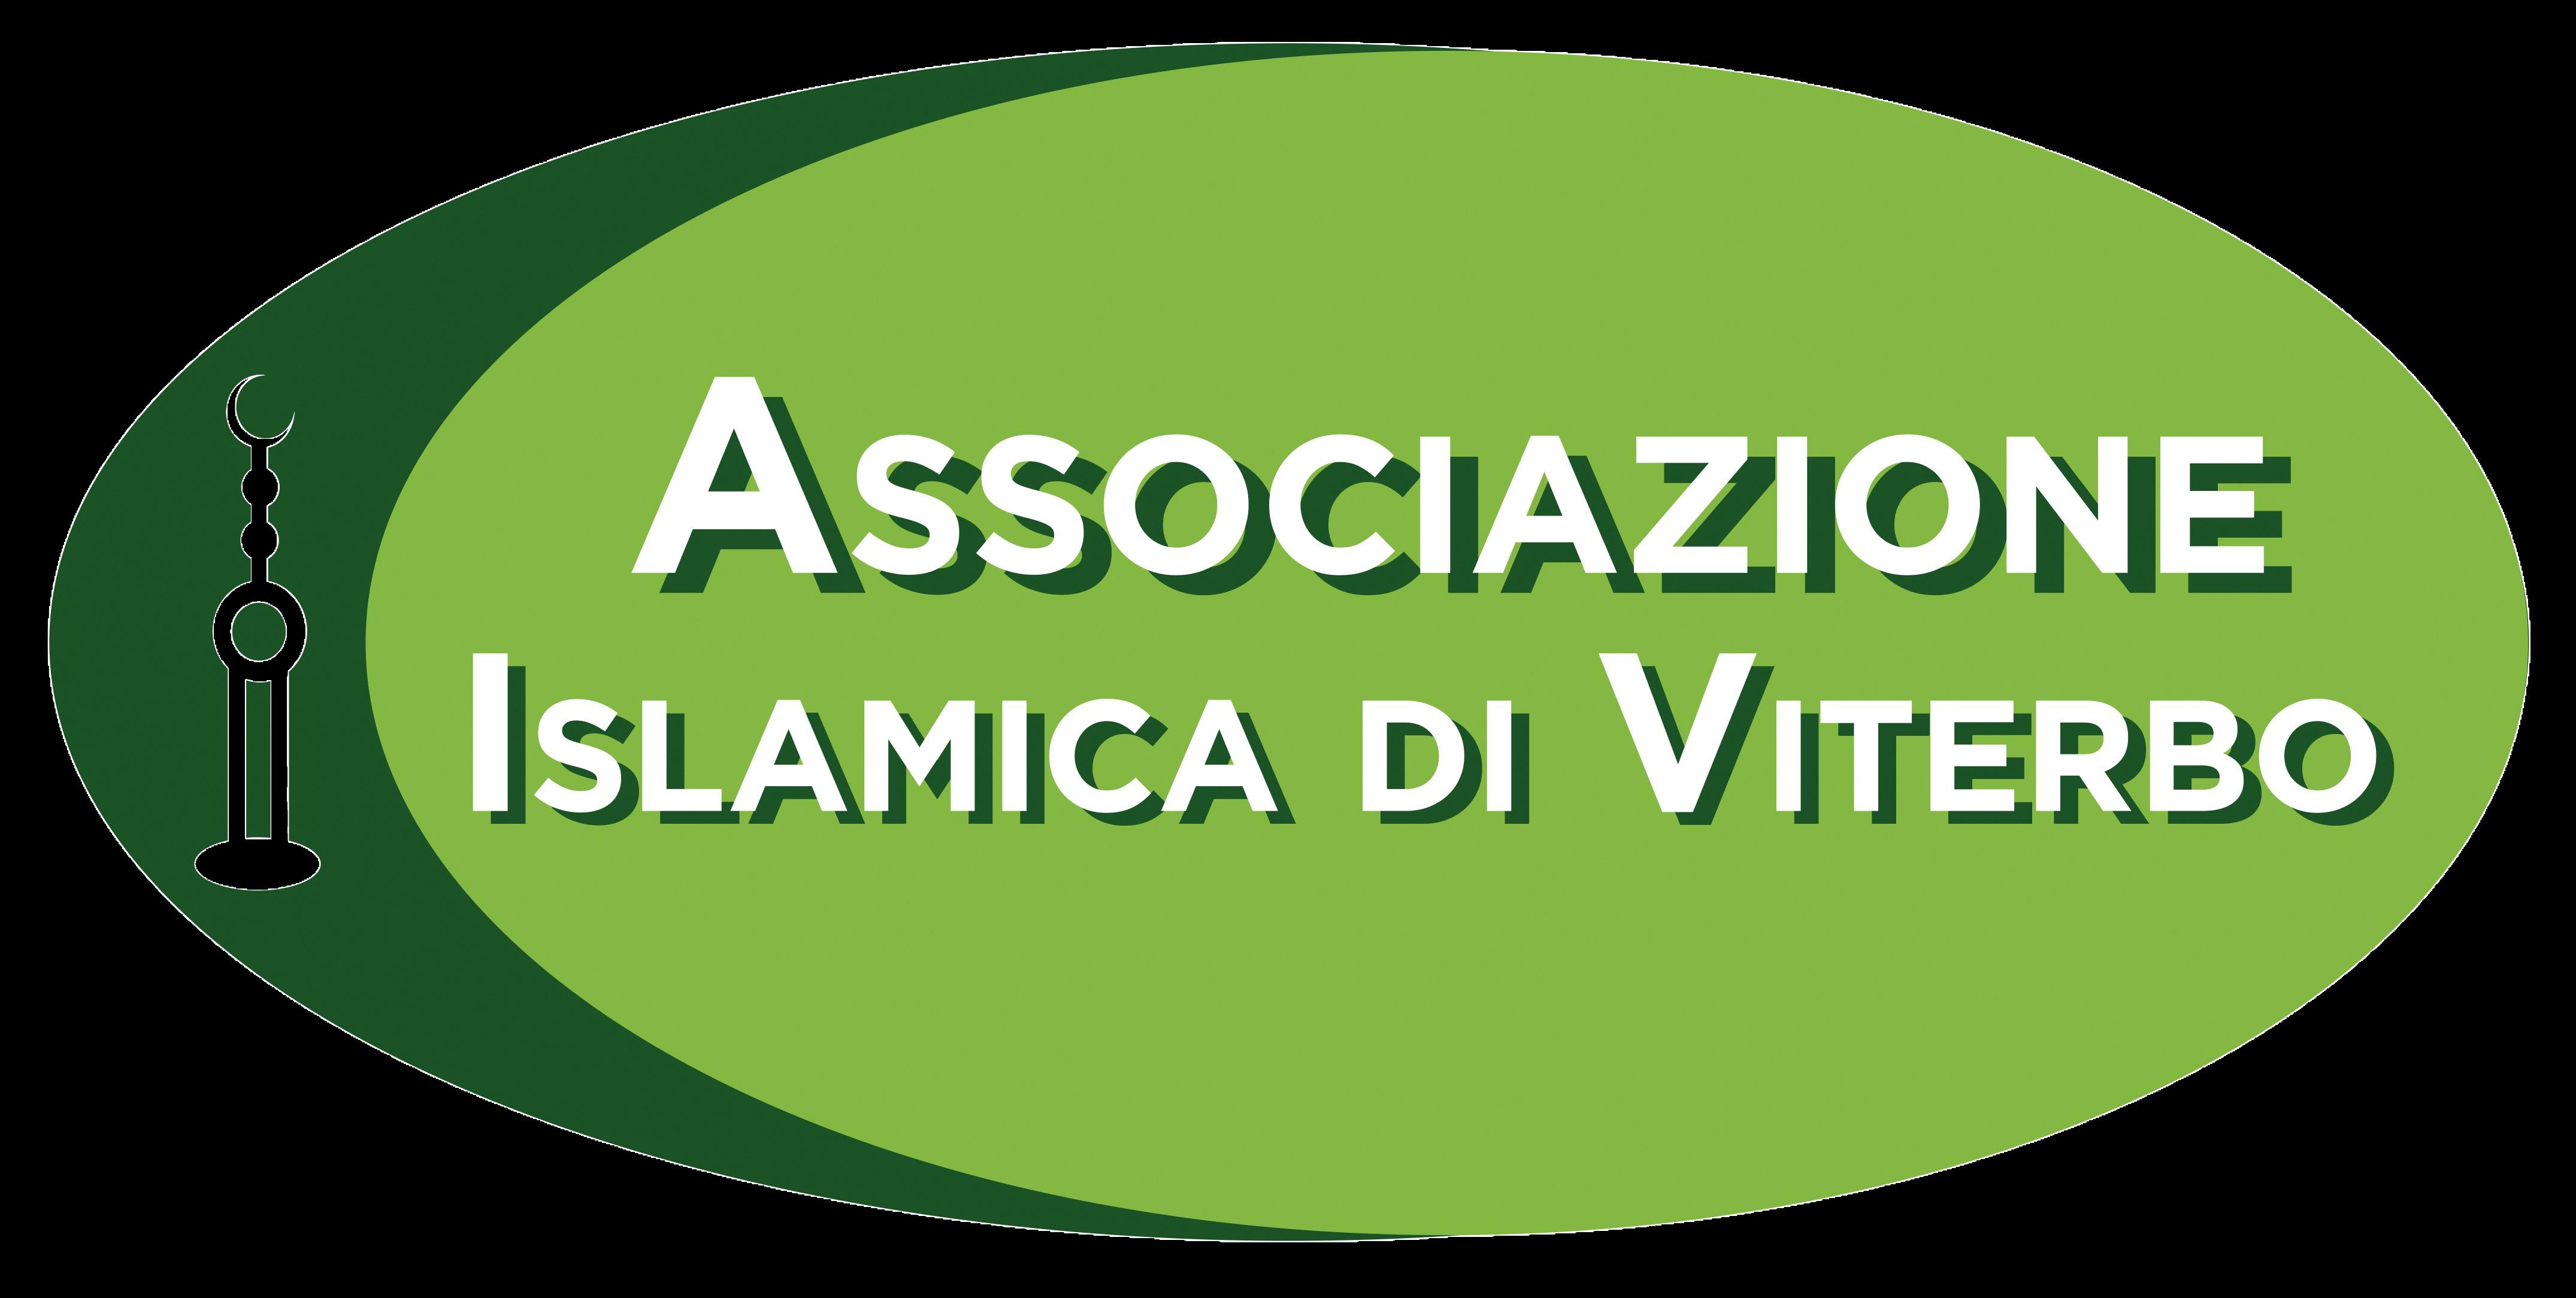 Associazione Islamica di Viterbo